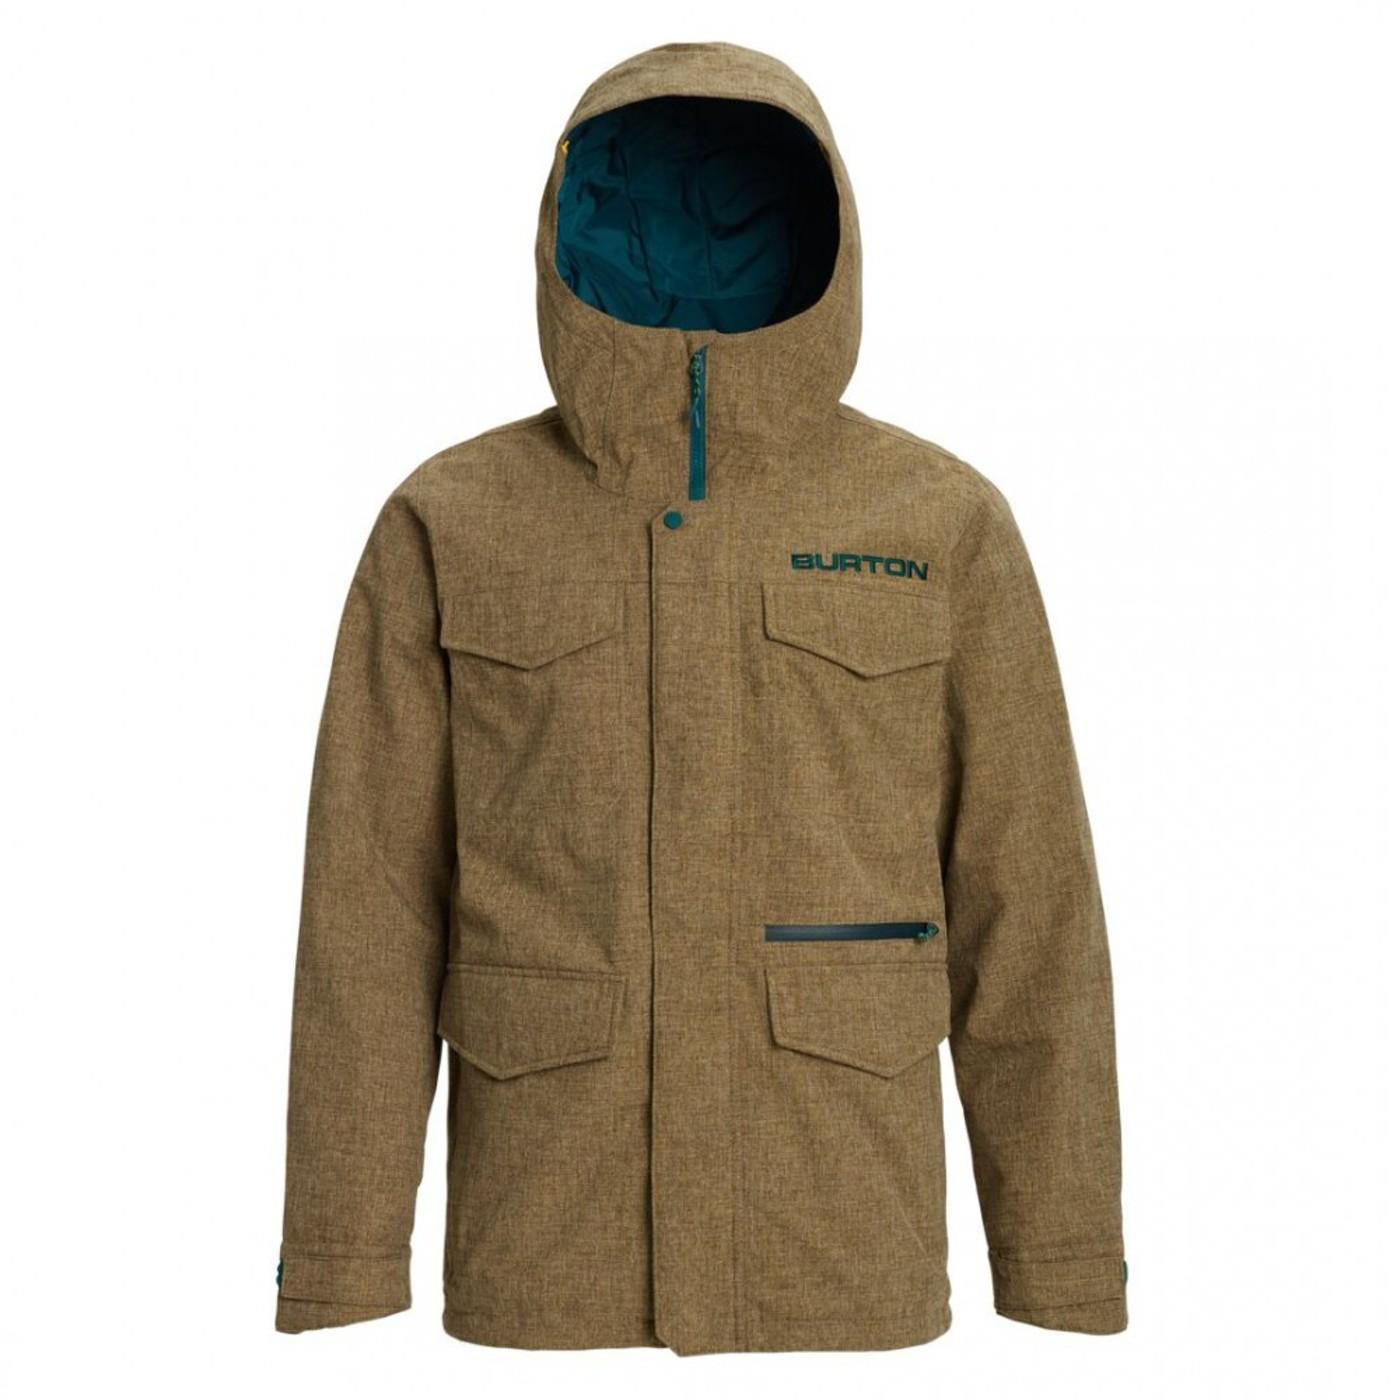 BURTON Covert Jacket Slim - Herren